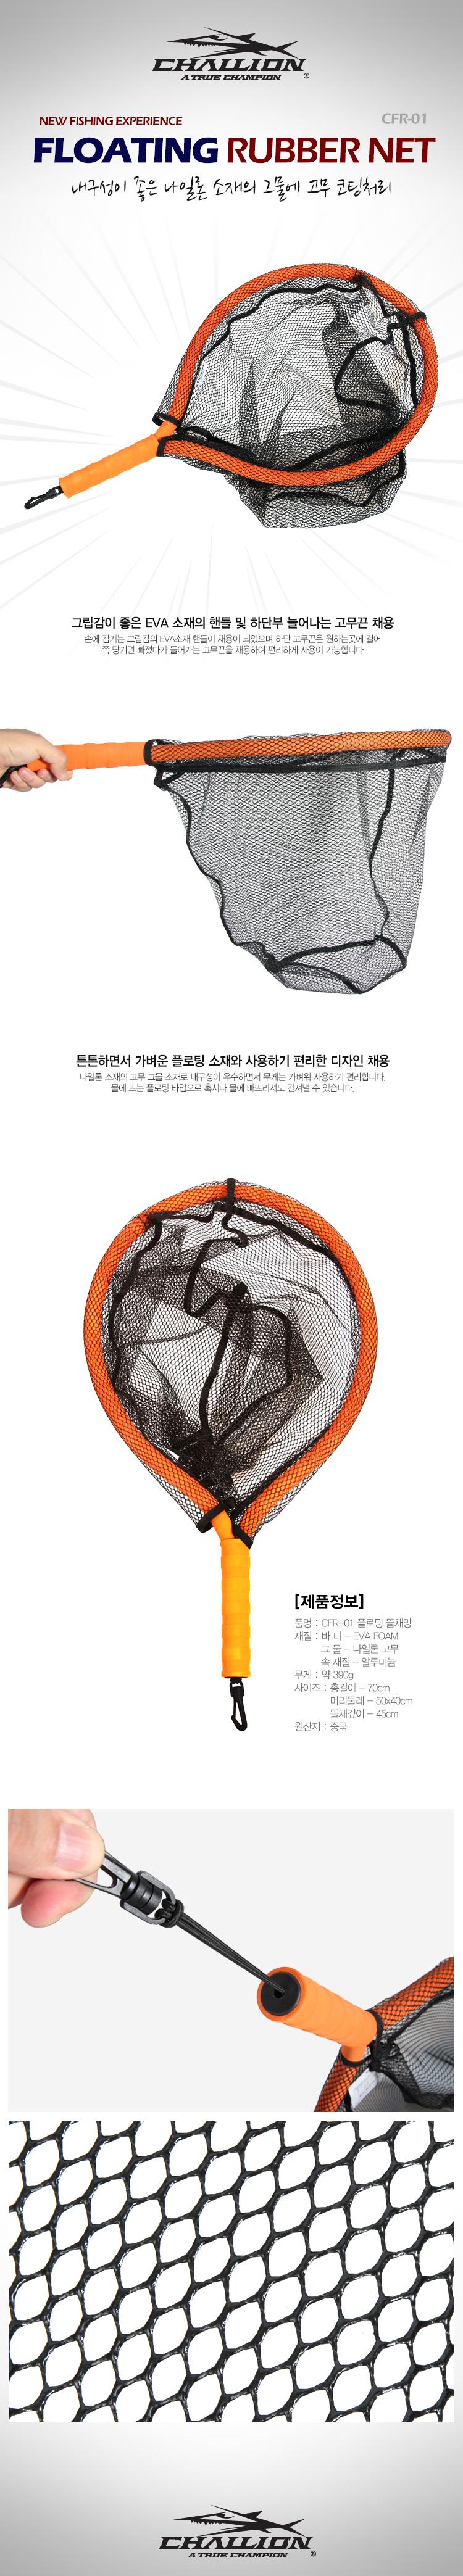 챌리온 플로팅 뜰채 (CFR-01) 뜰채망/뜰채그물/뜰채세트 플로팅뜰채 보팅뜰채 루어뜰채